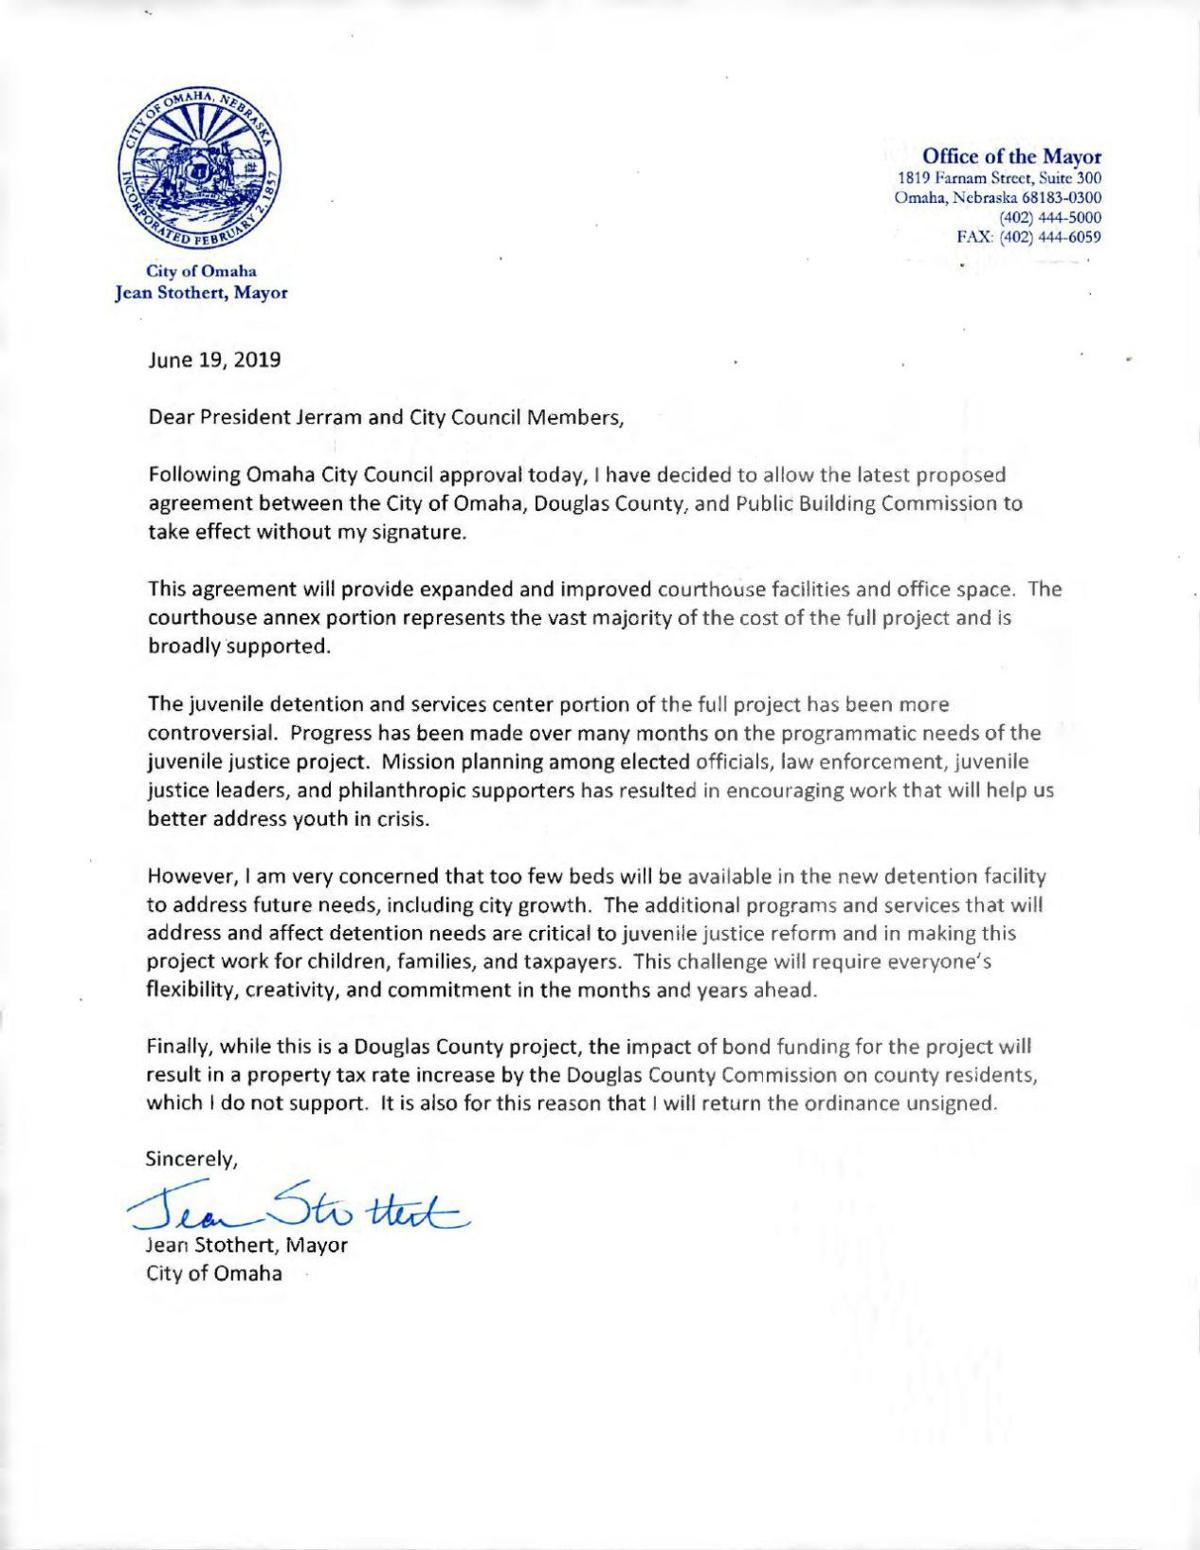 mayor's letter